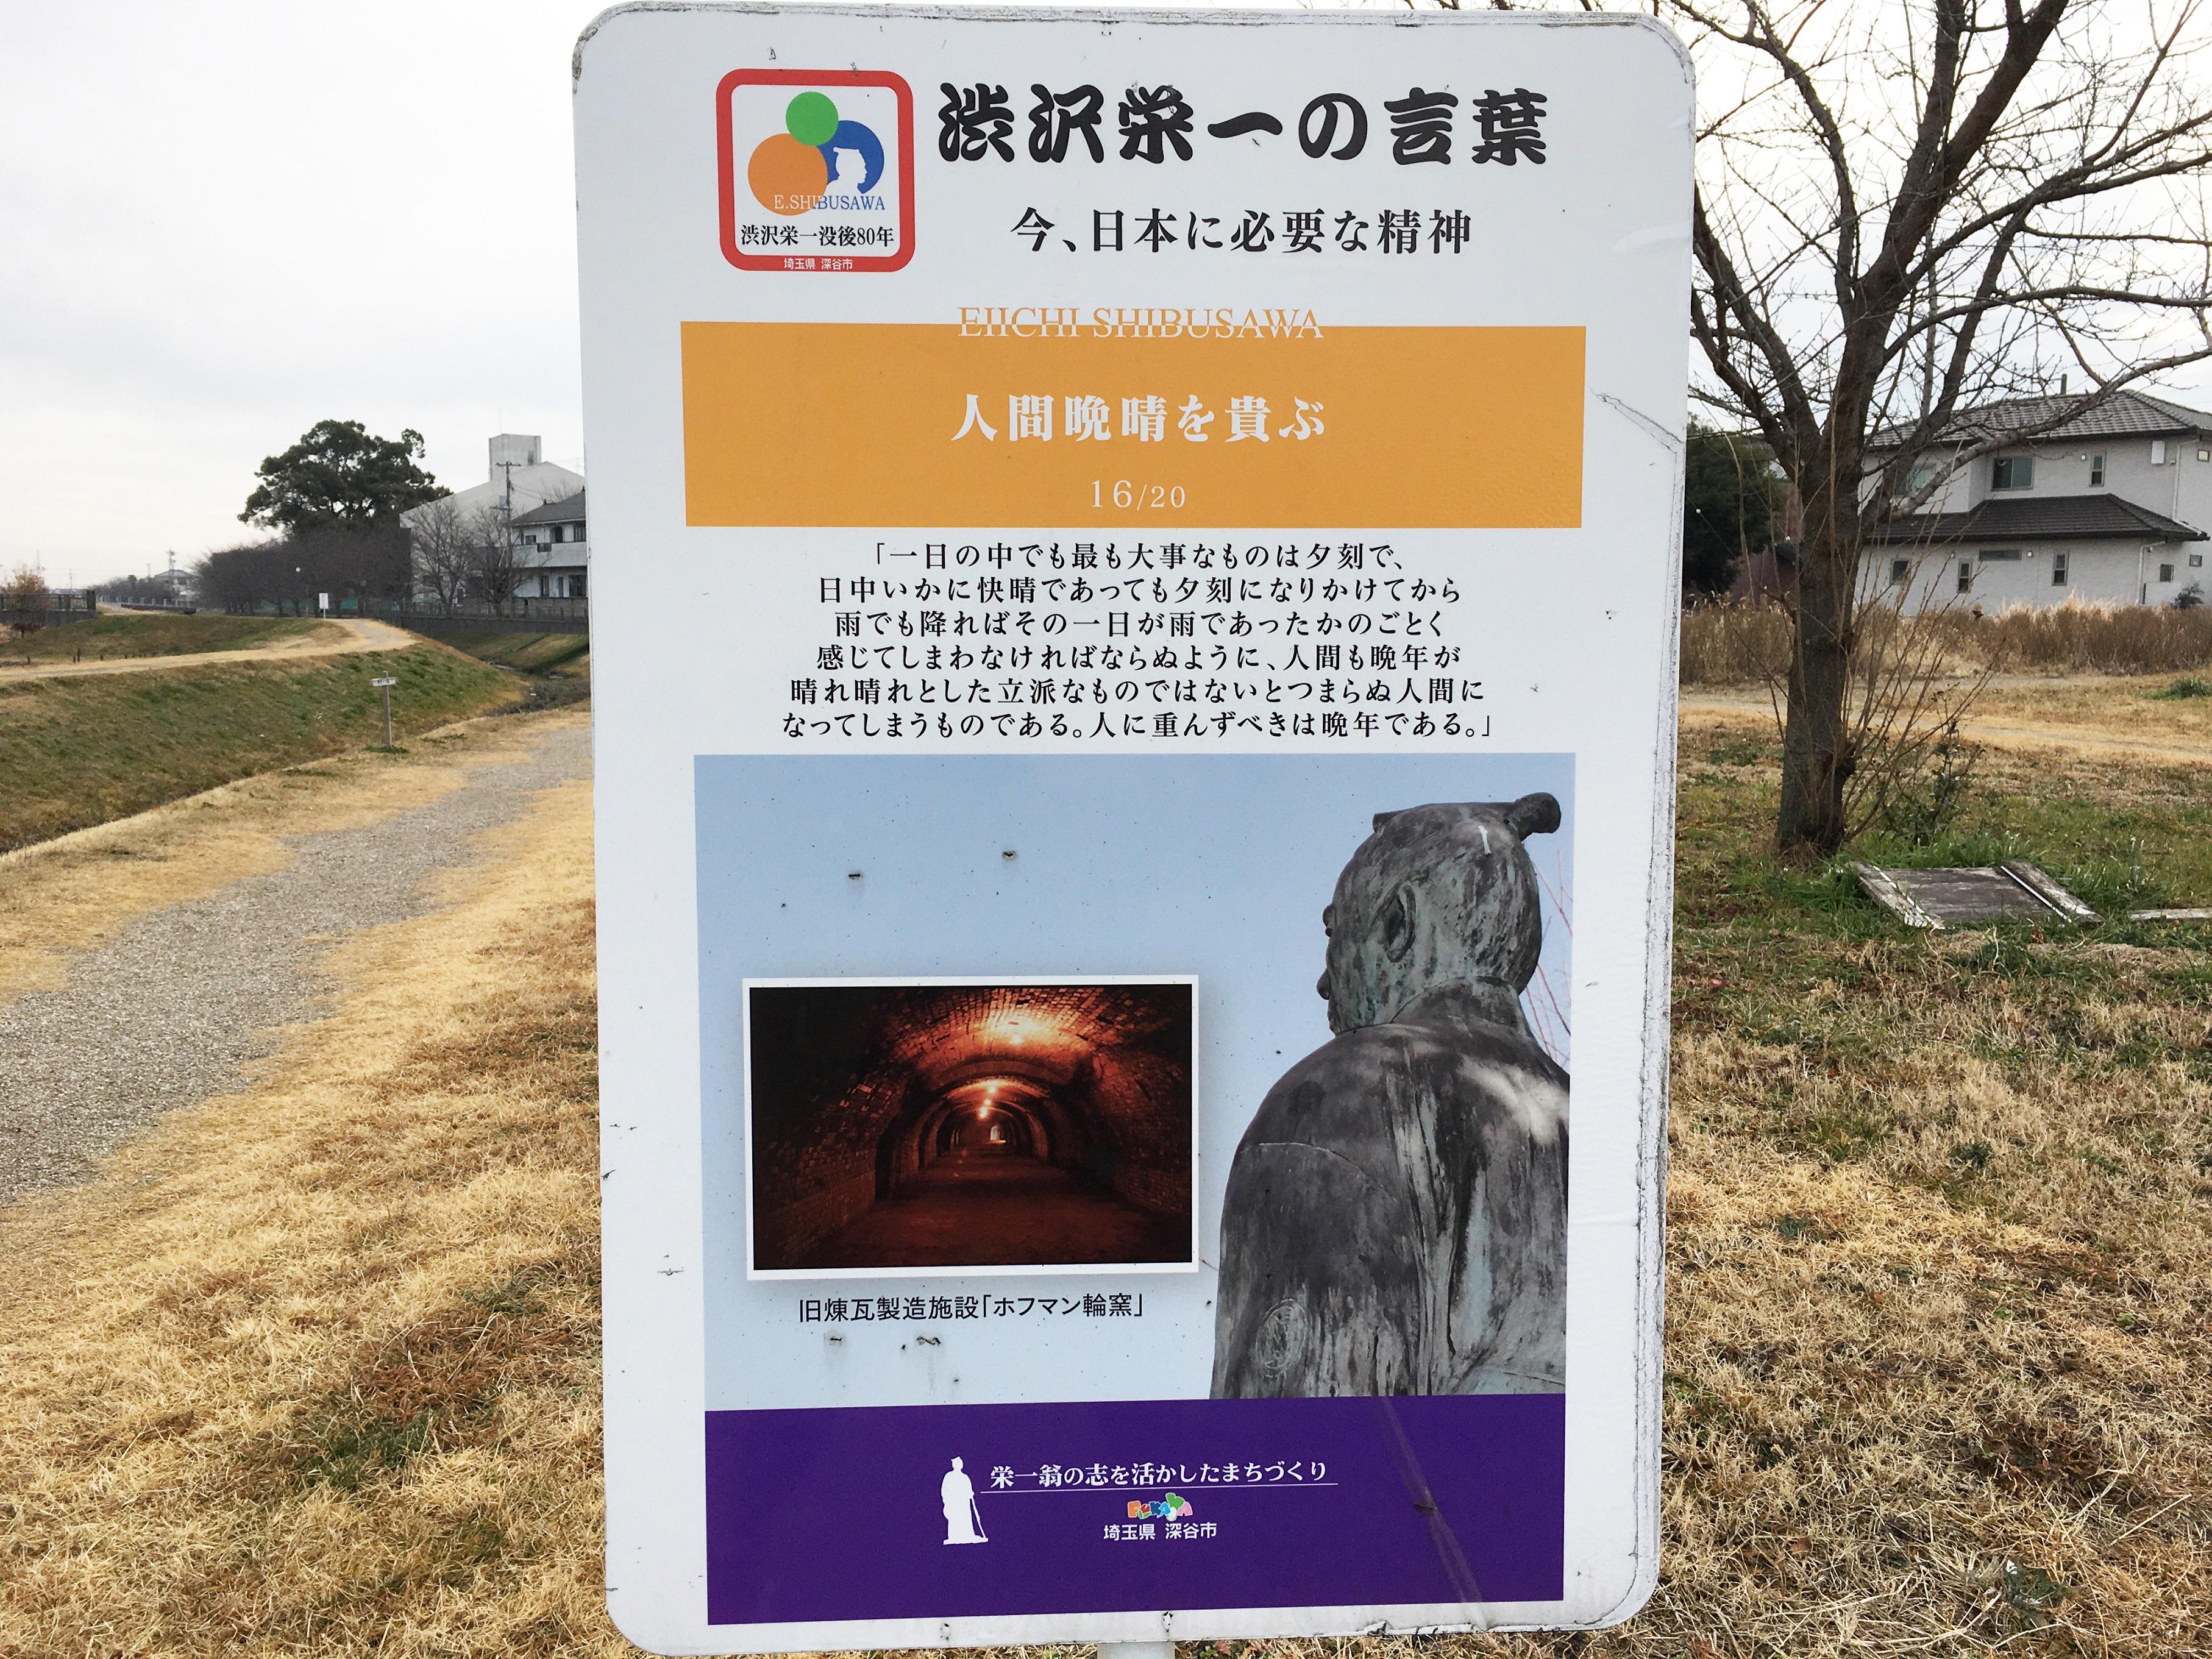 渋沢栄一の言葉(青淵公園)16/20『人間晩晴を貴ぶ』